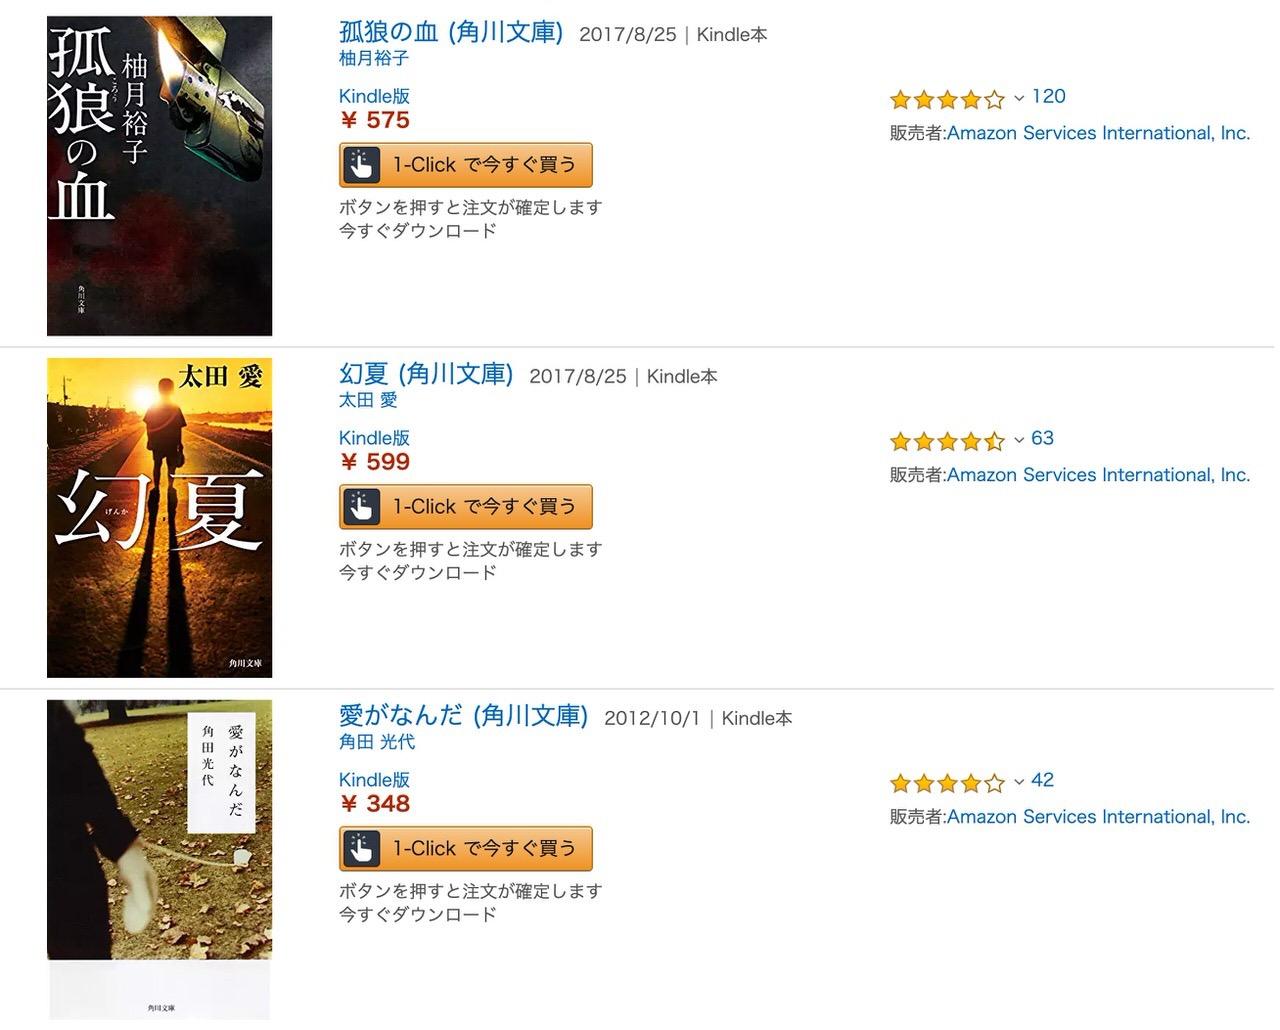 【Kindleセール】1,500冊以上が対象「KADOKAWA 春のベストフェア 文芸&実用」(4/25まで)